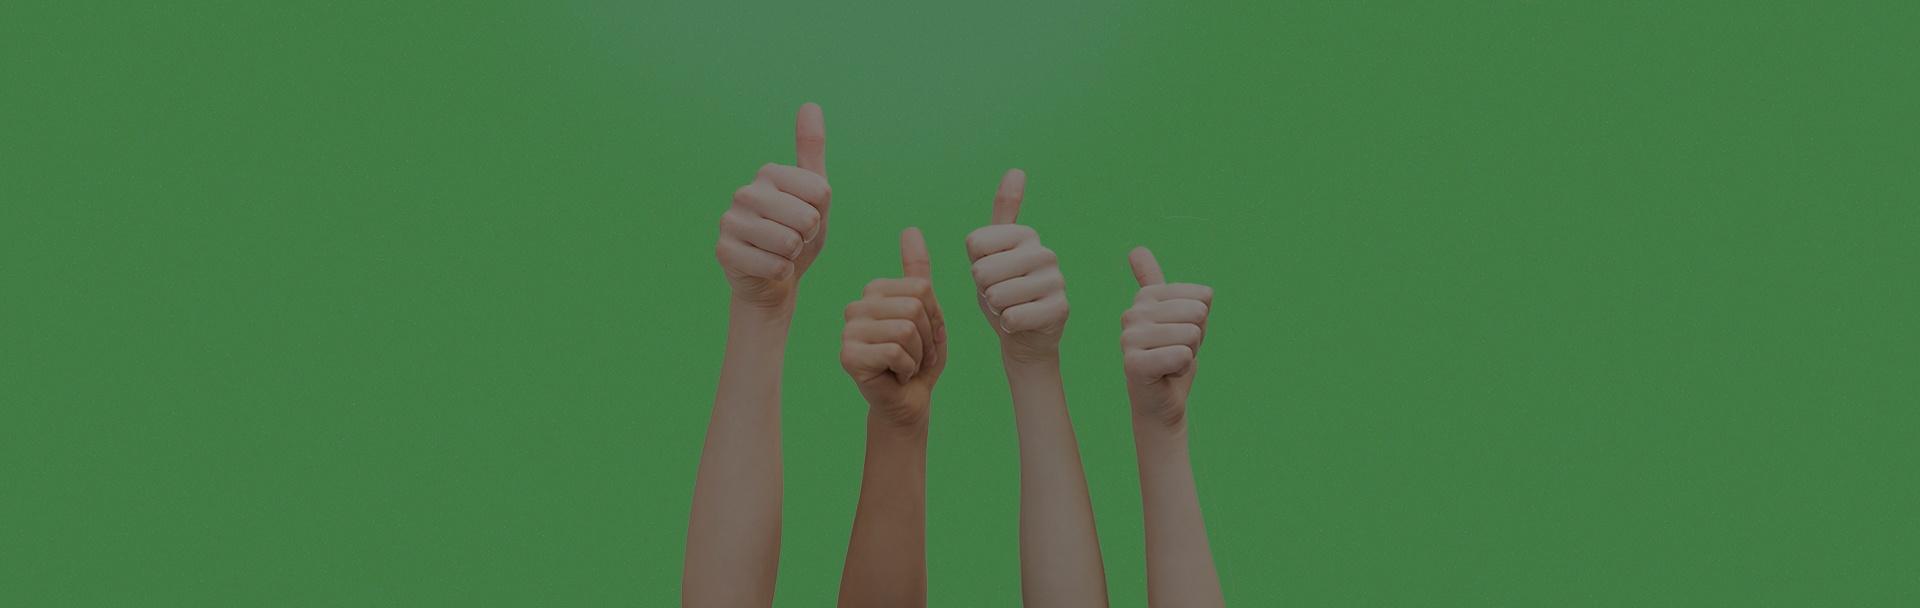 solucionweb-banner-blog-7-formas-de-obtener-retroalimentaciOn-en-las-redes-sociales-.jpg